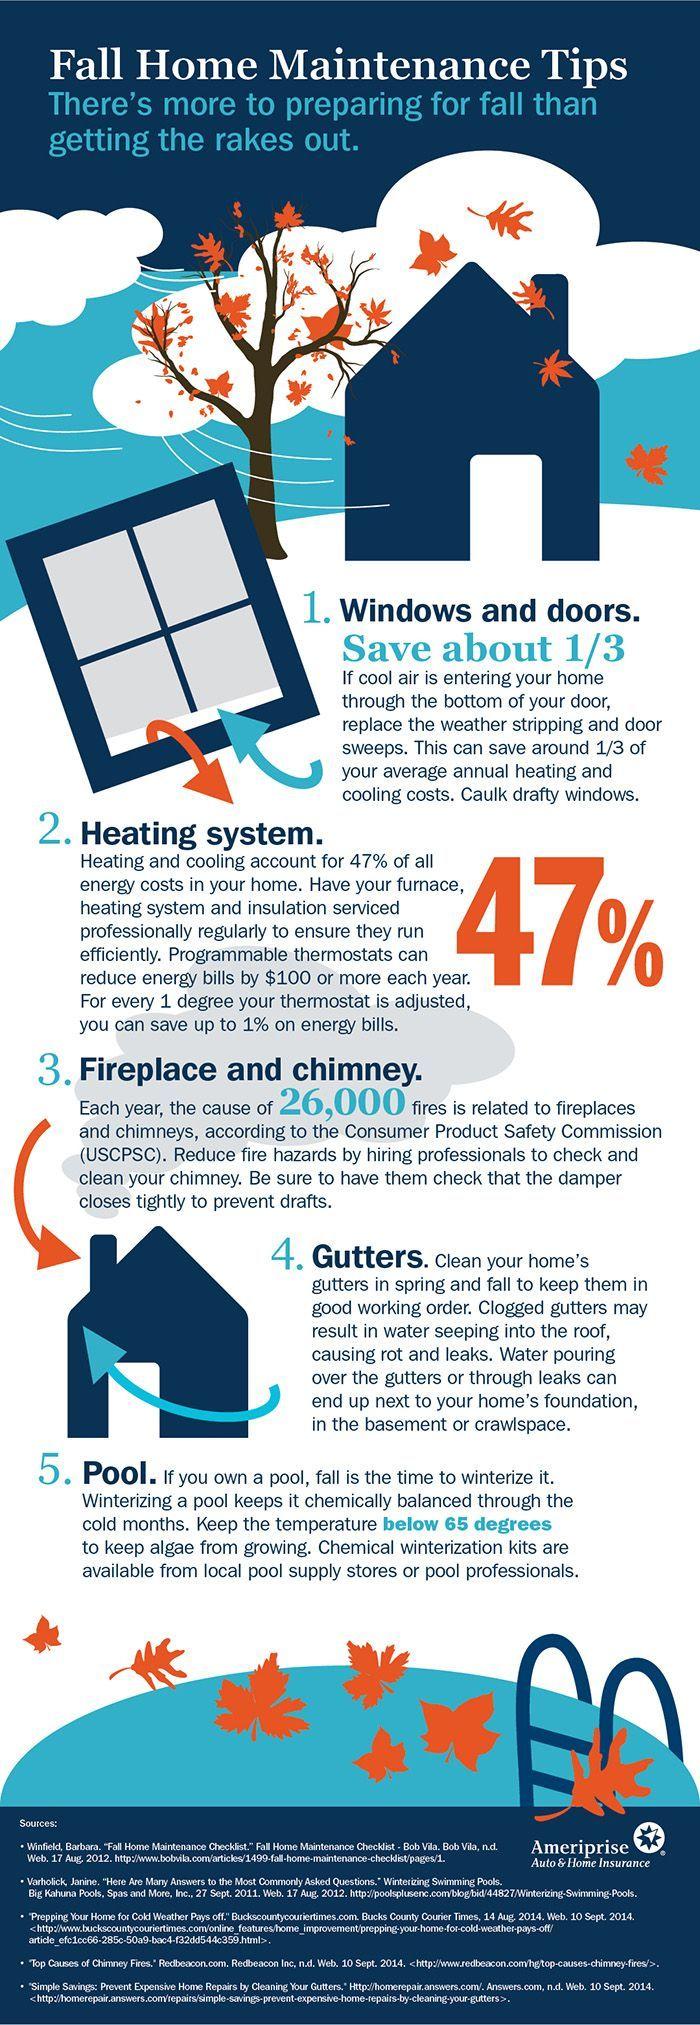 Tipps für die Wartung von Eigenheimen, die Eigenheimen